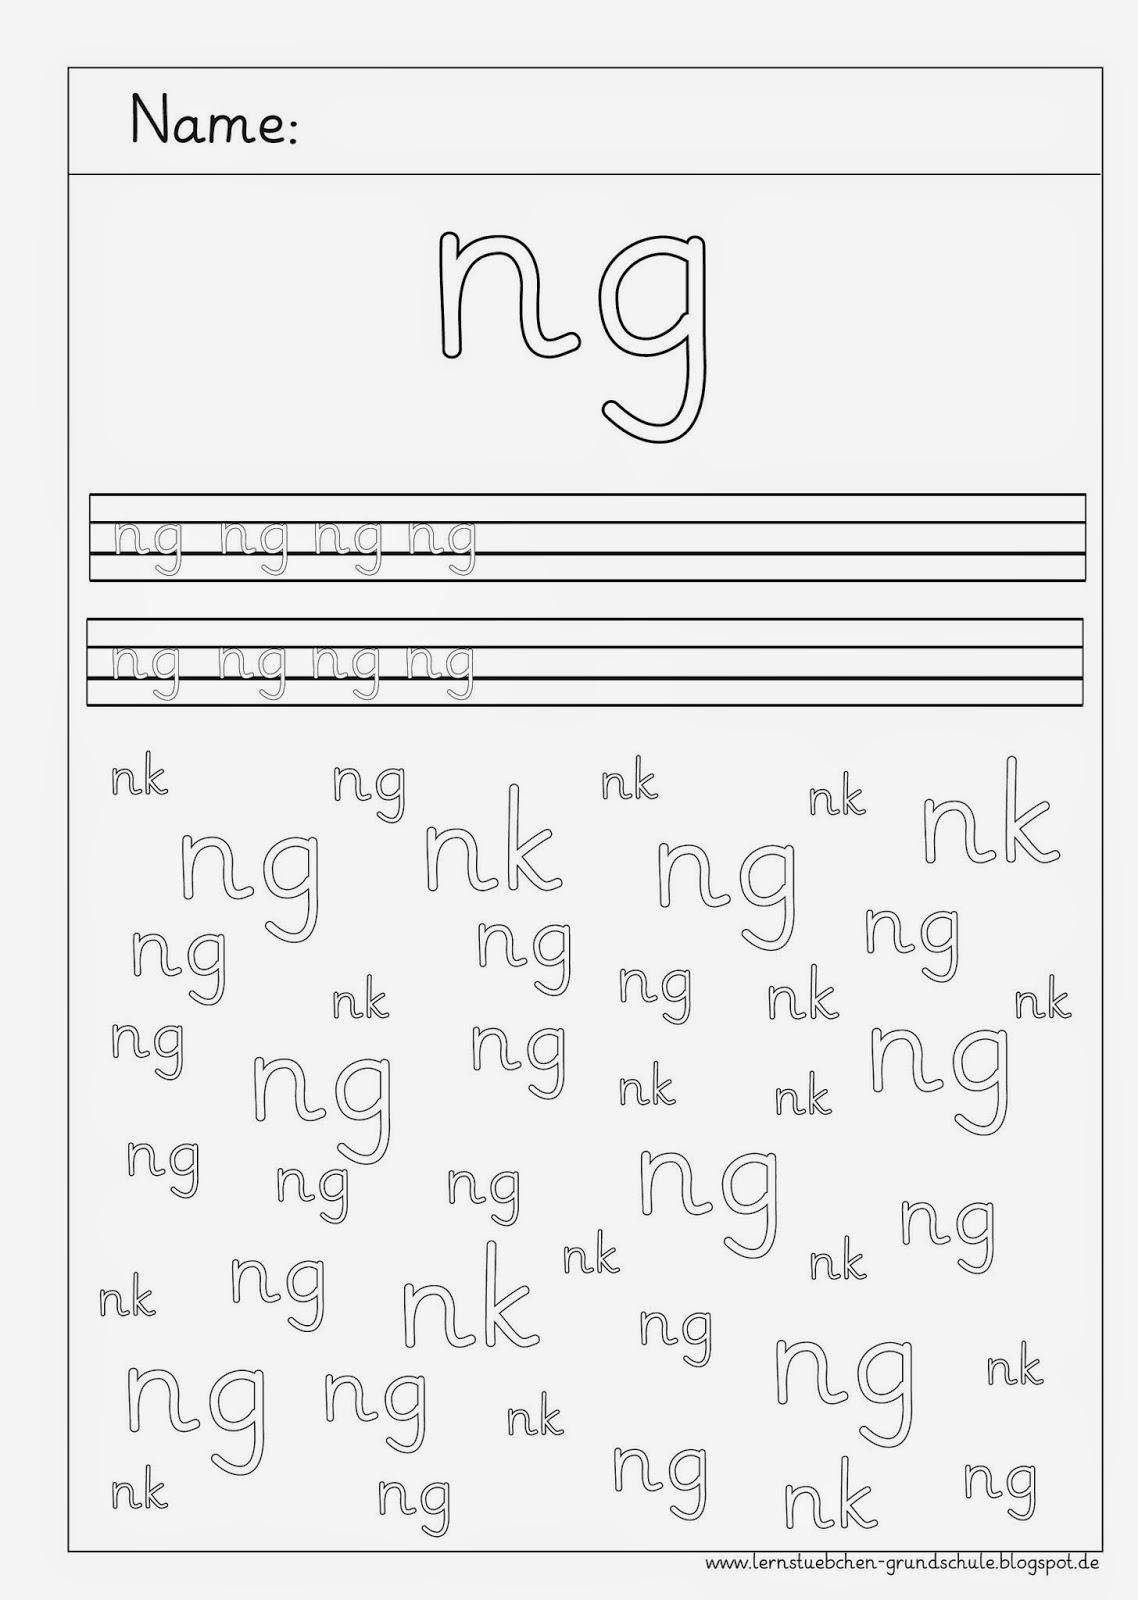 Arbeitsblätter Zu Nk : Lernstübchen schreibblätter zu ng wörtern